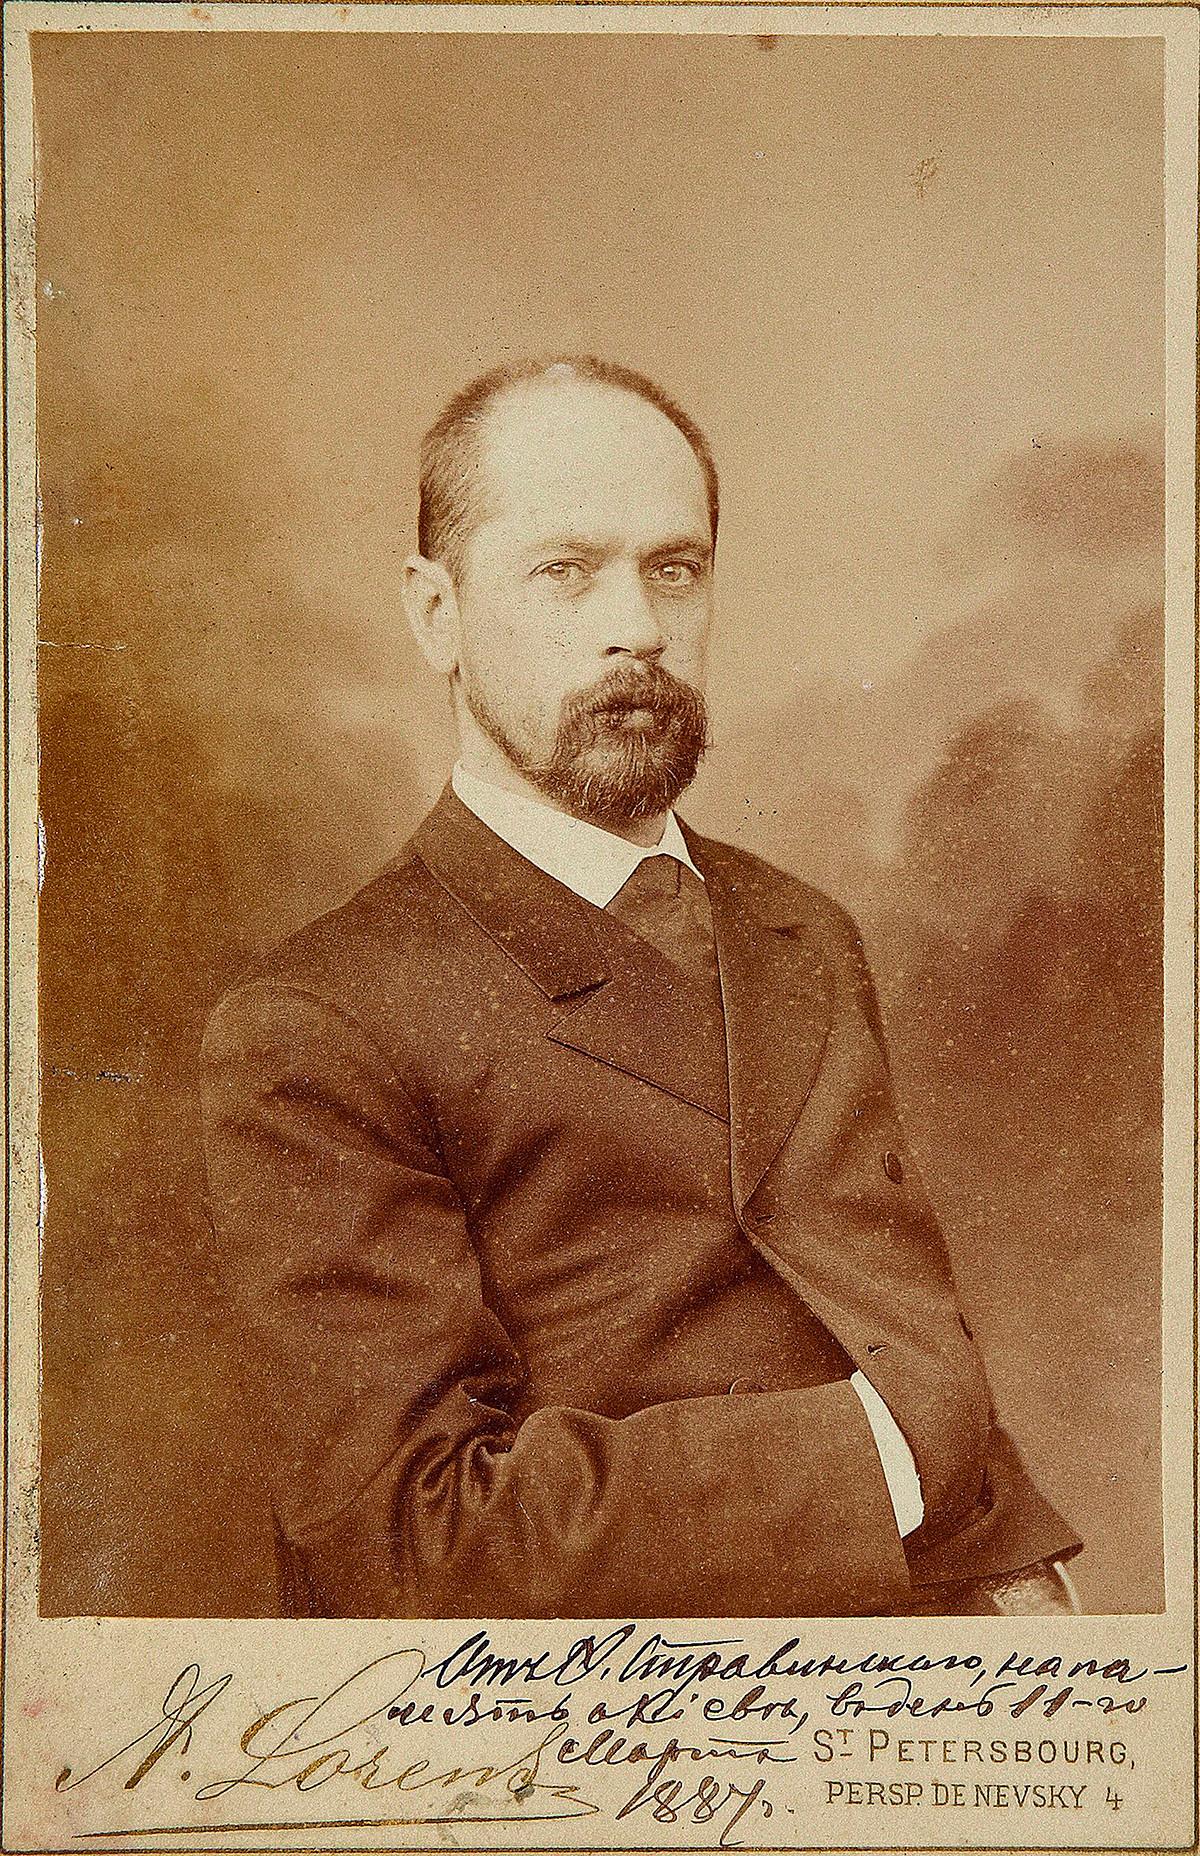 Fjodor Stravinskij (1843-1902), cantante lirico (basso), padre del famoso compositore Igor Stravinskij (1882-1971)